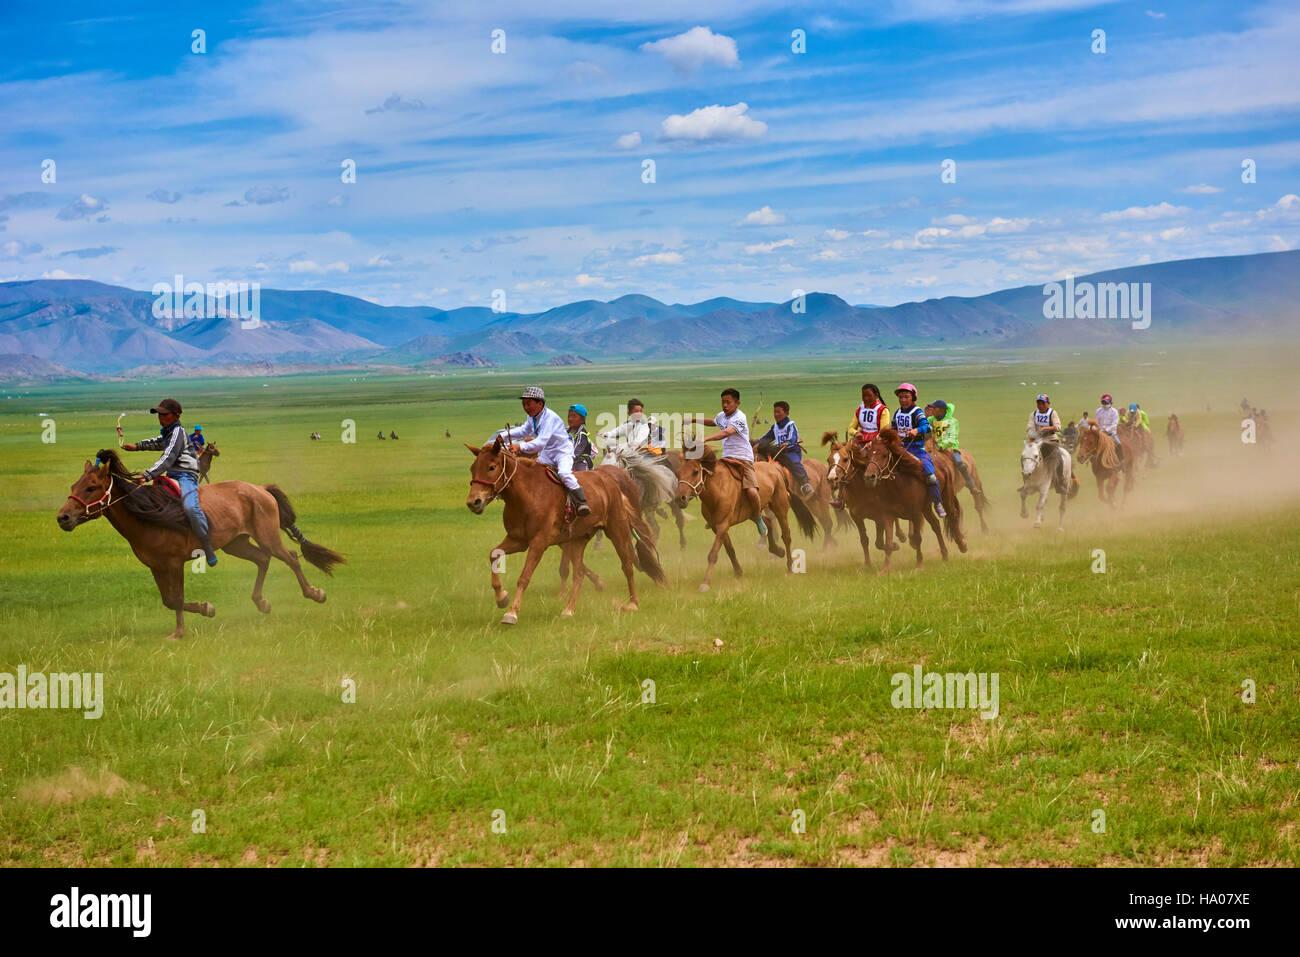 La Mongolie, province de Bayankhongor, Lantern, fête traditionnelle, les courses de chevaux Photo Stock